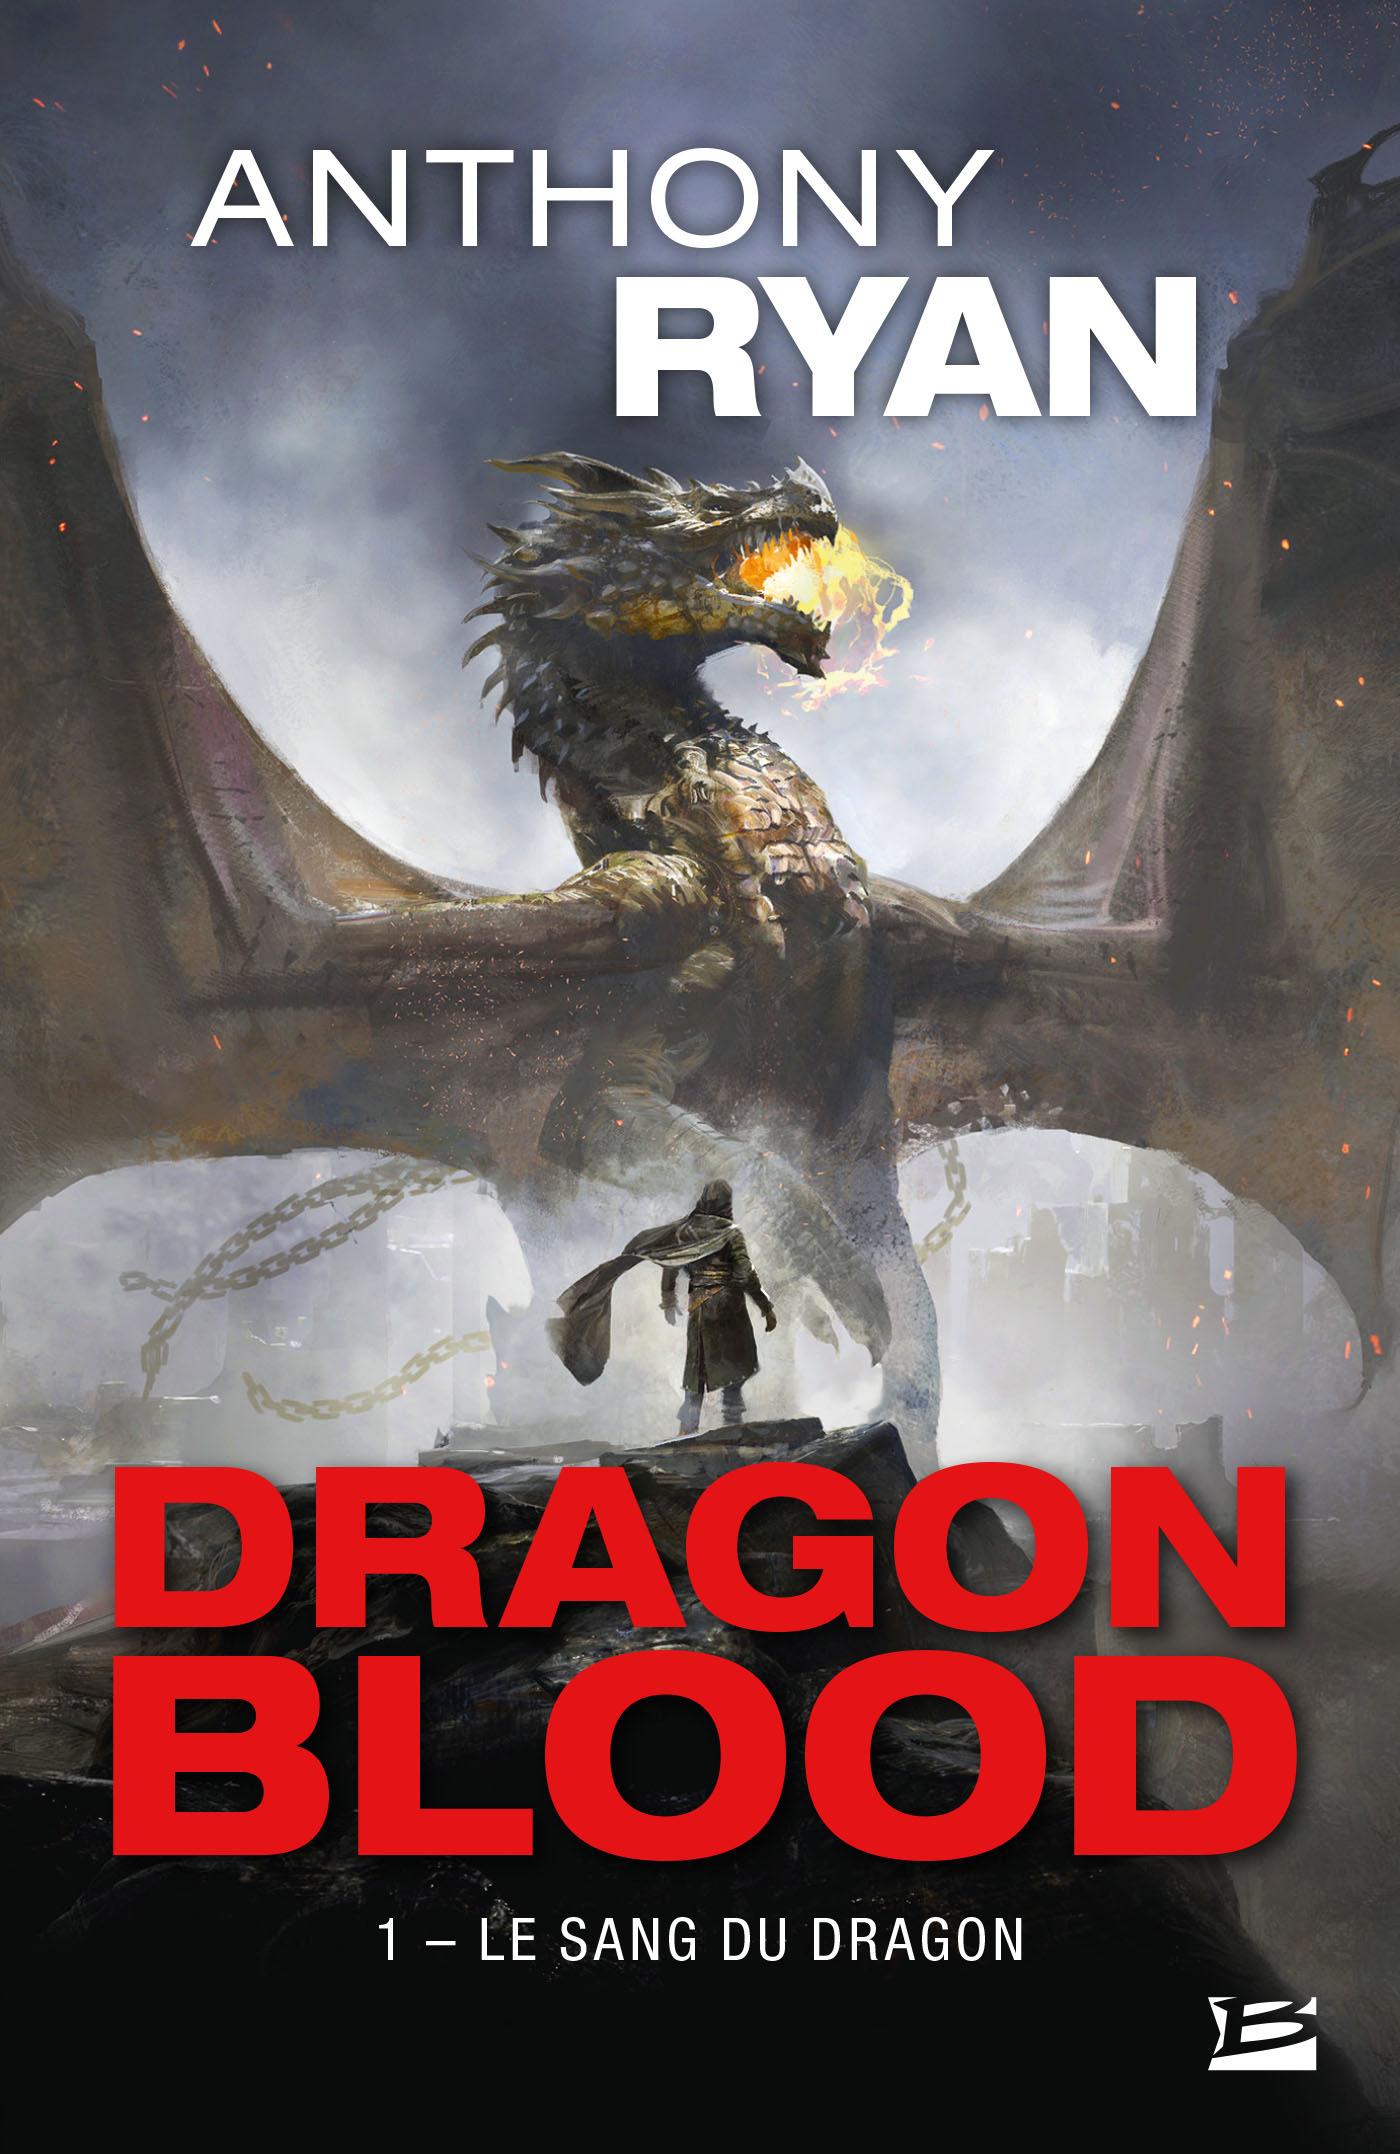 Le Sang du dragon, DRAGON BLOOD, T1